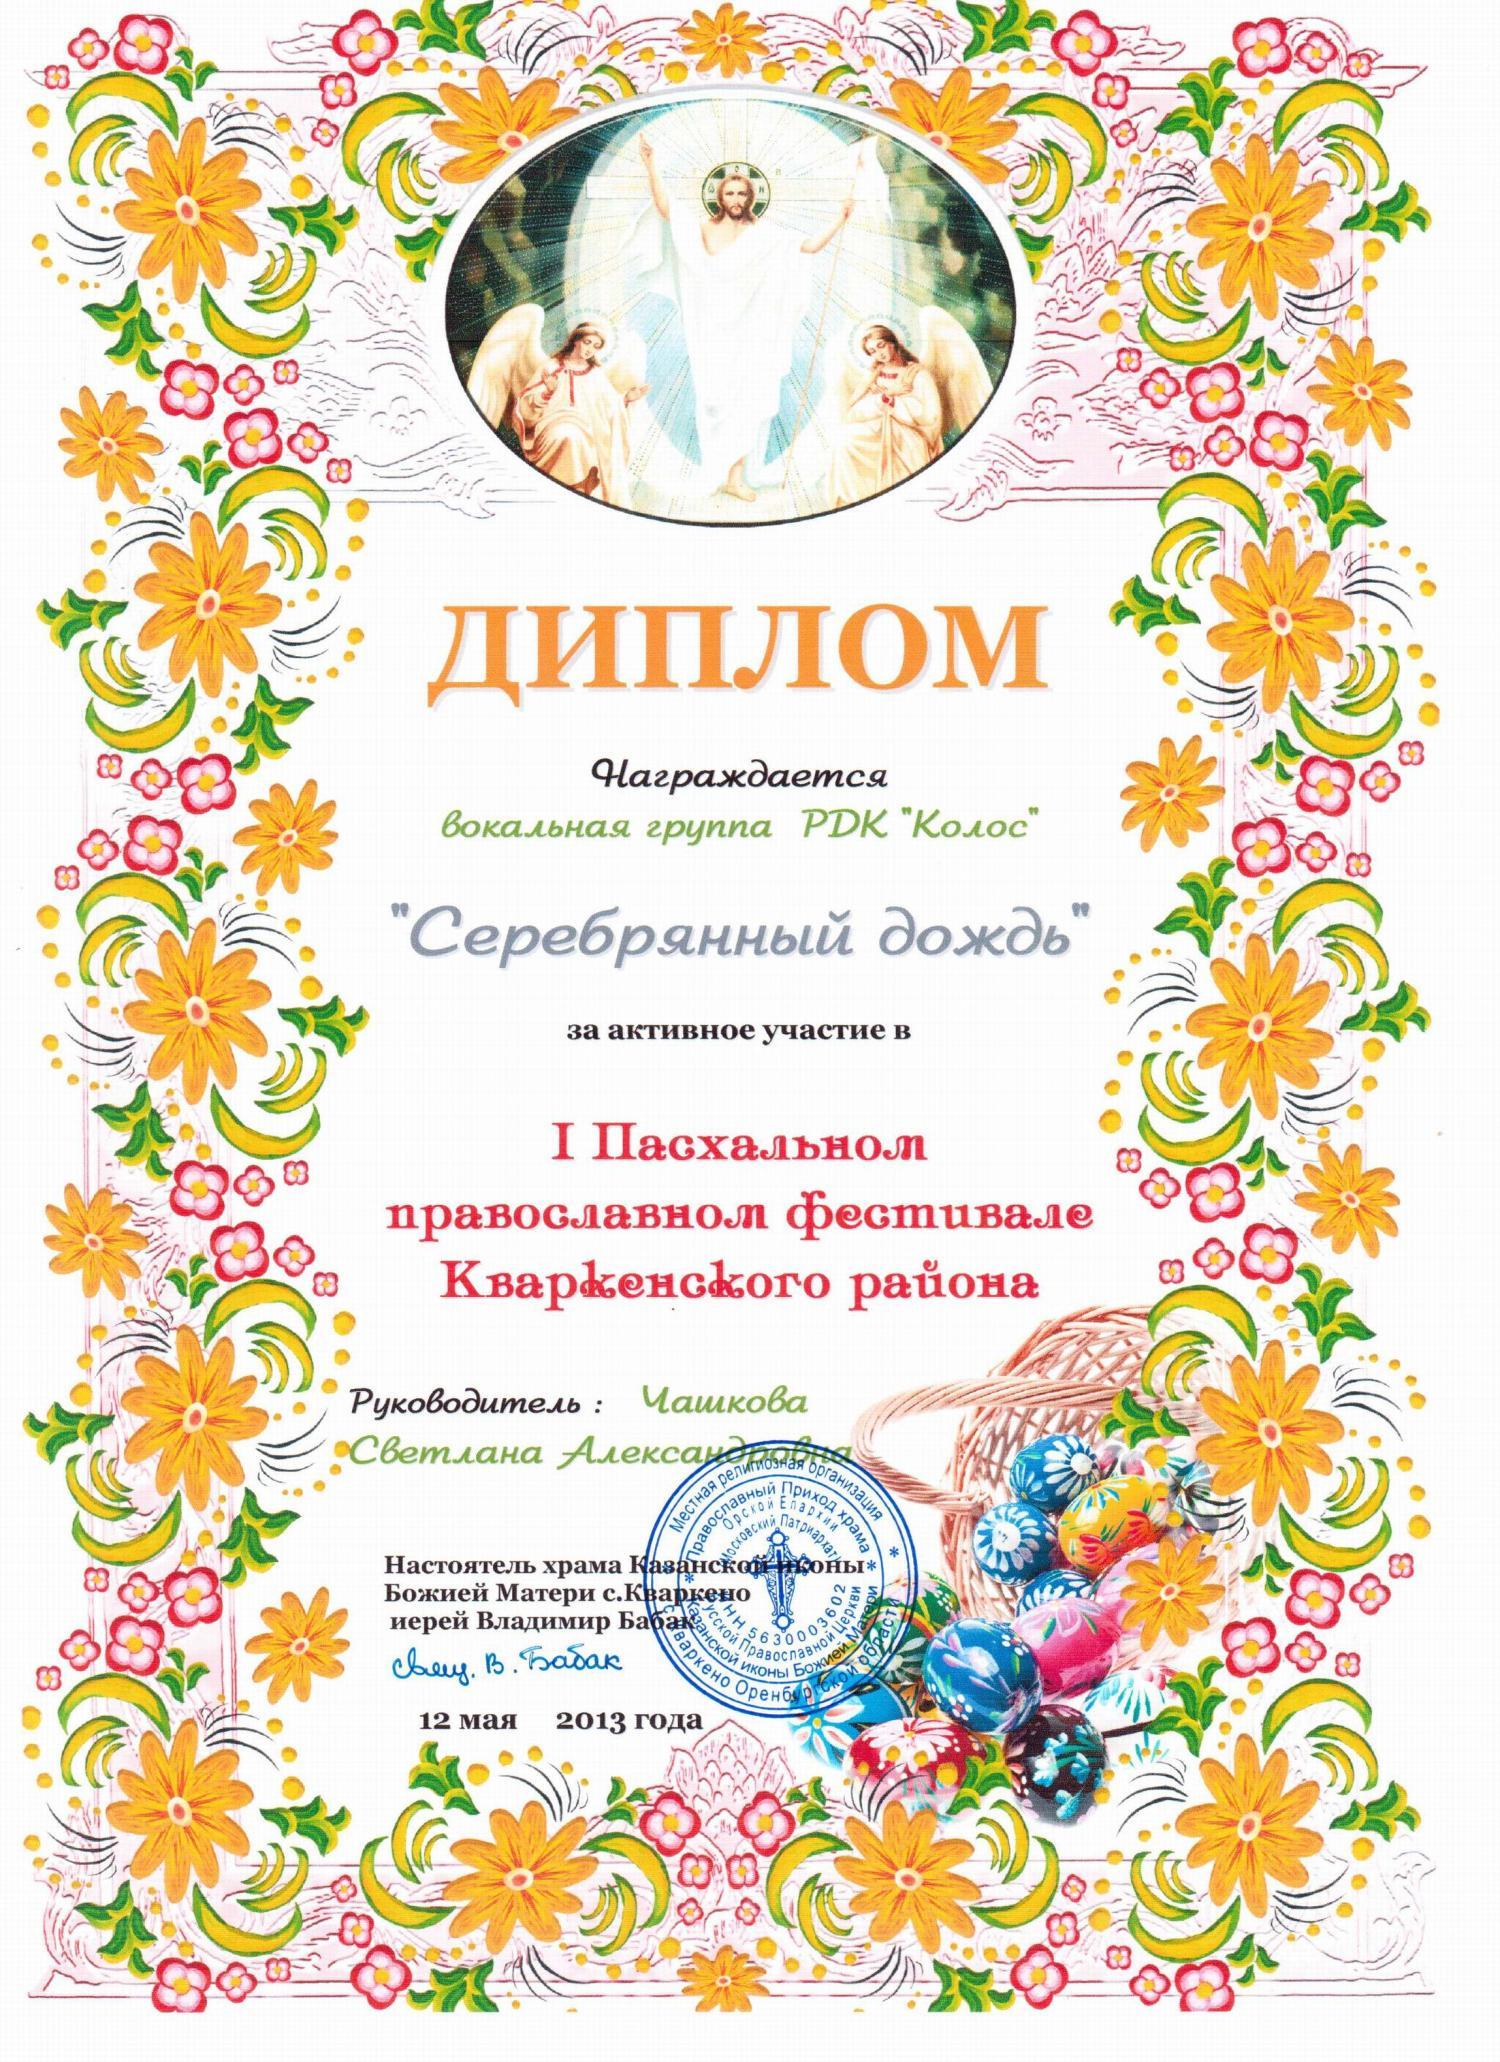 Первый Пасхальный православный фестиваль Кваркенского района